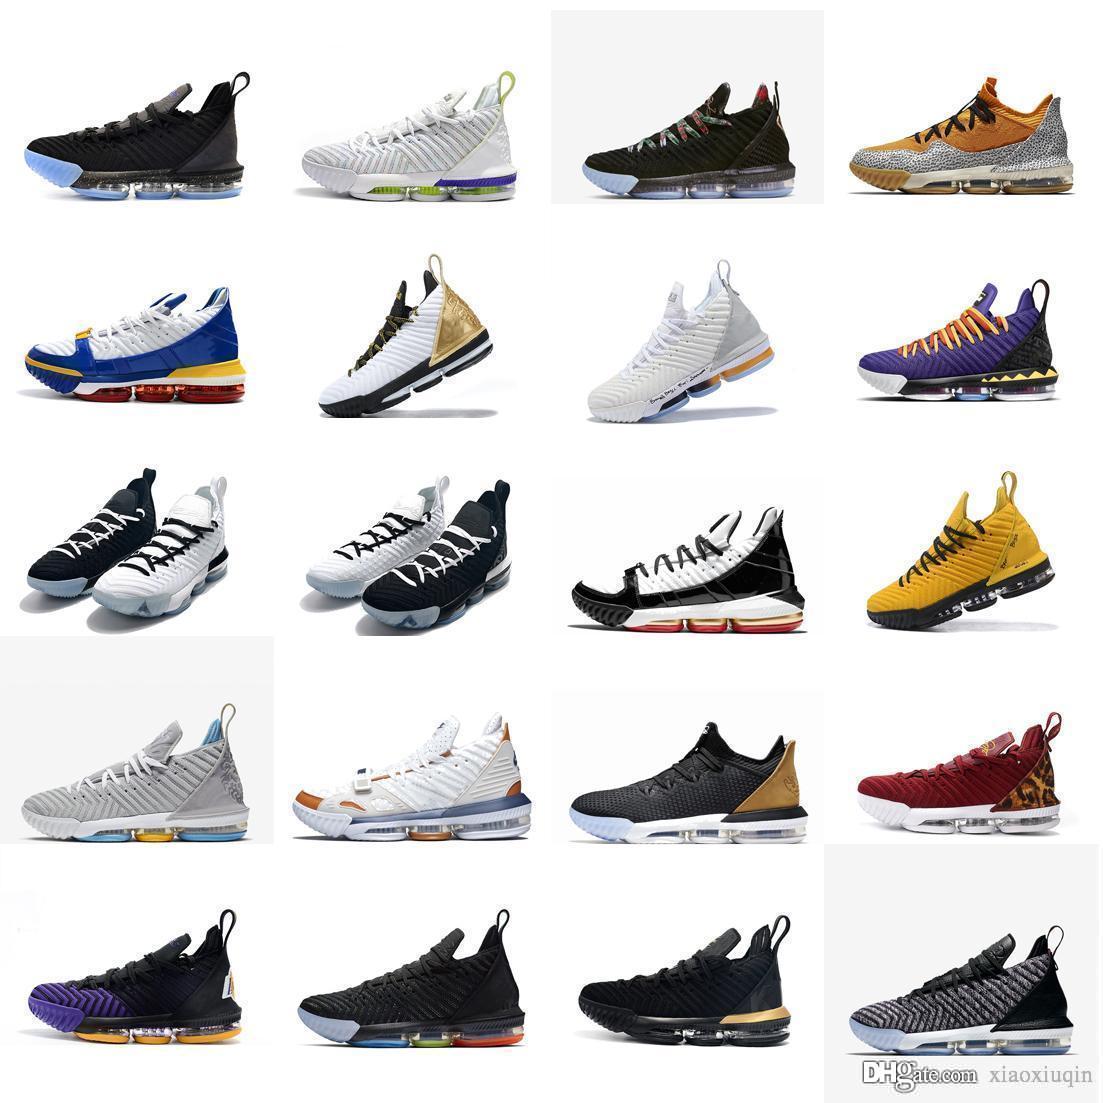 lebron shoes 16 kids buy clothes shoes